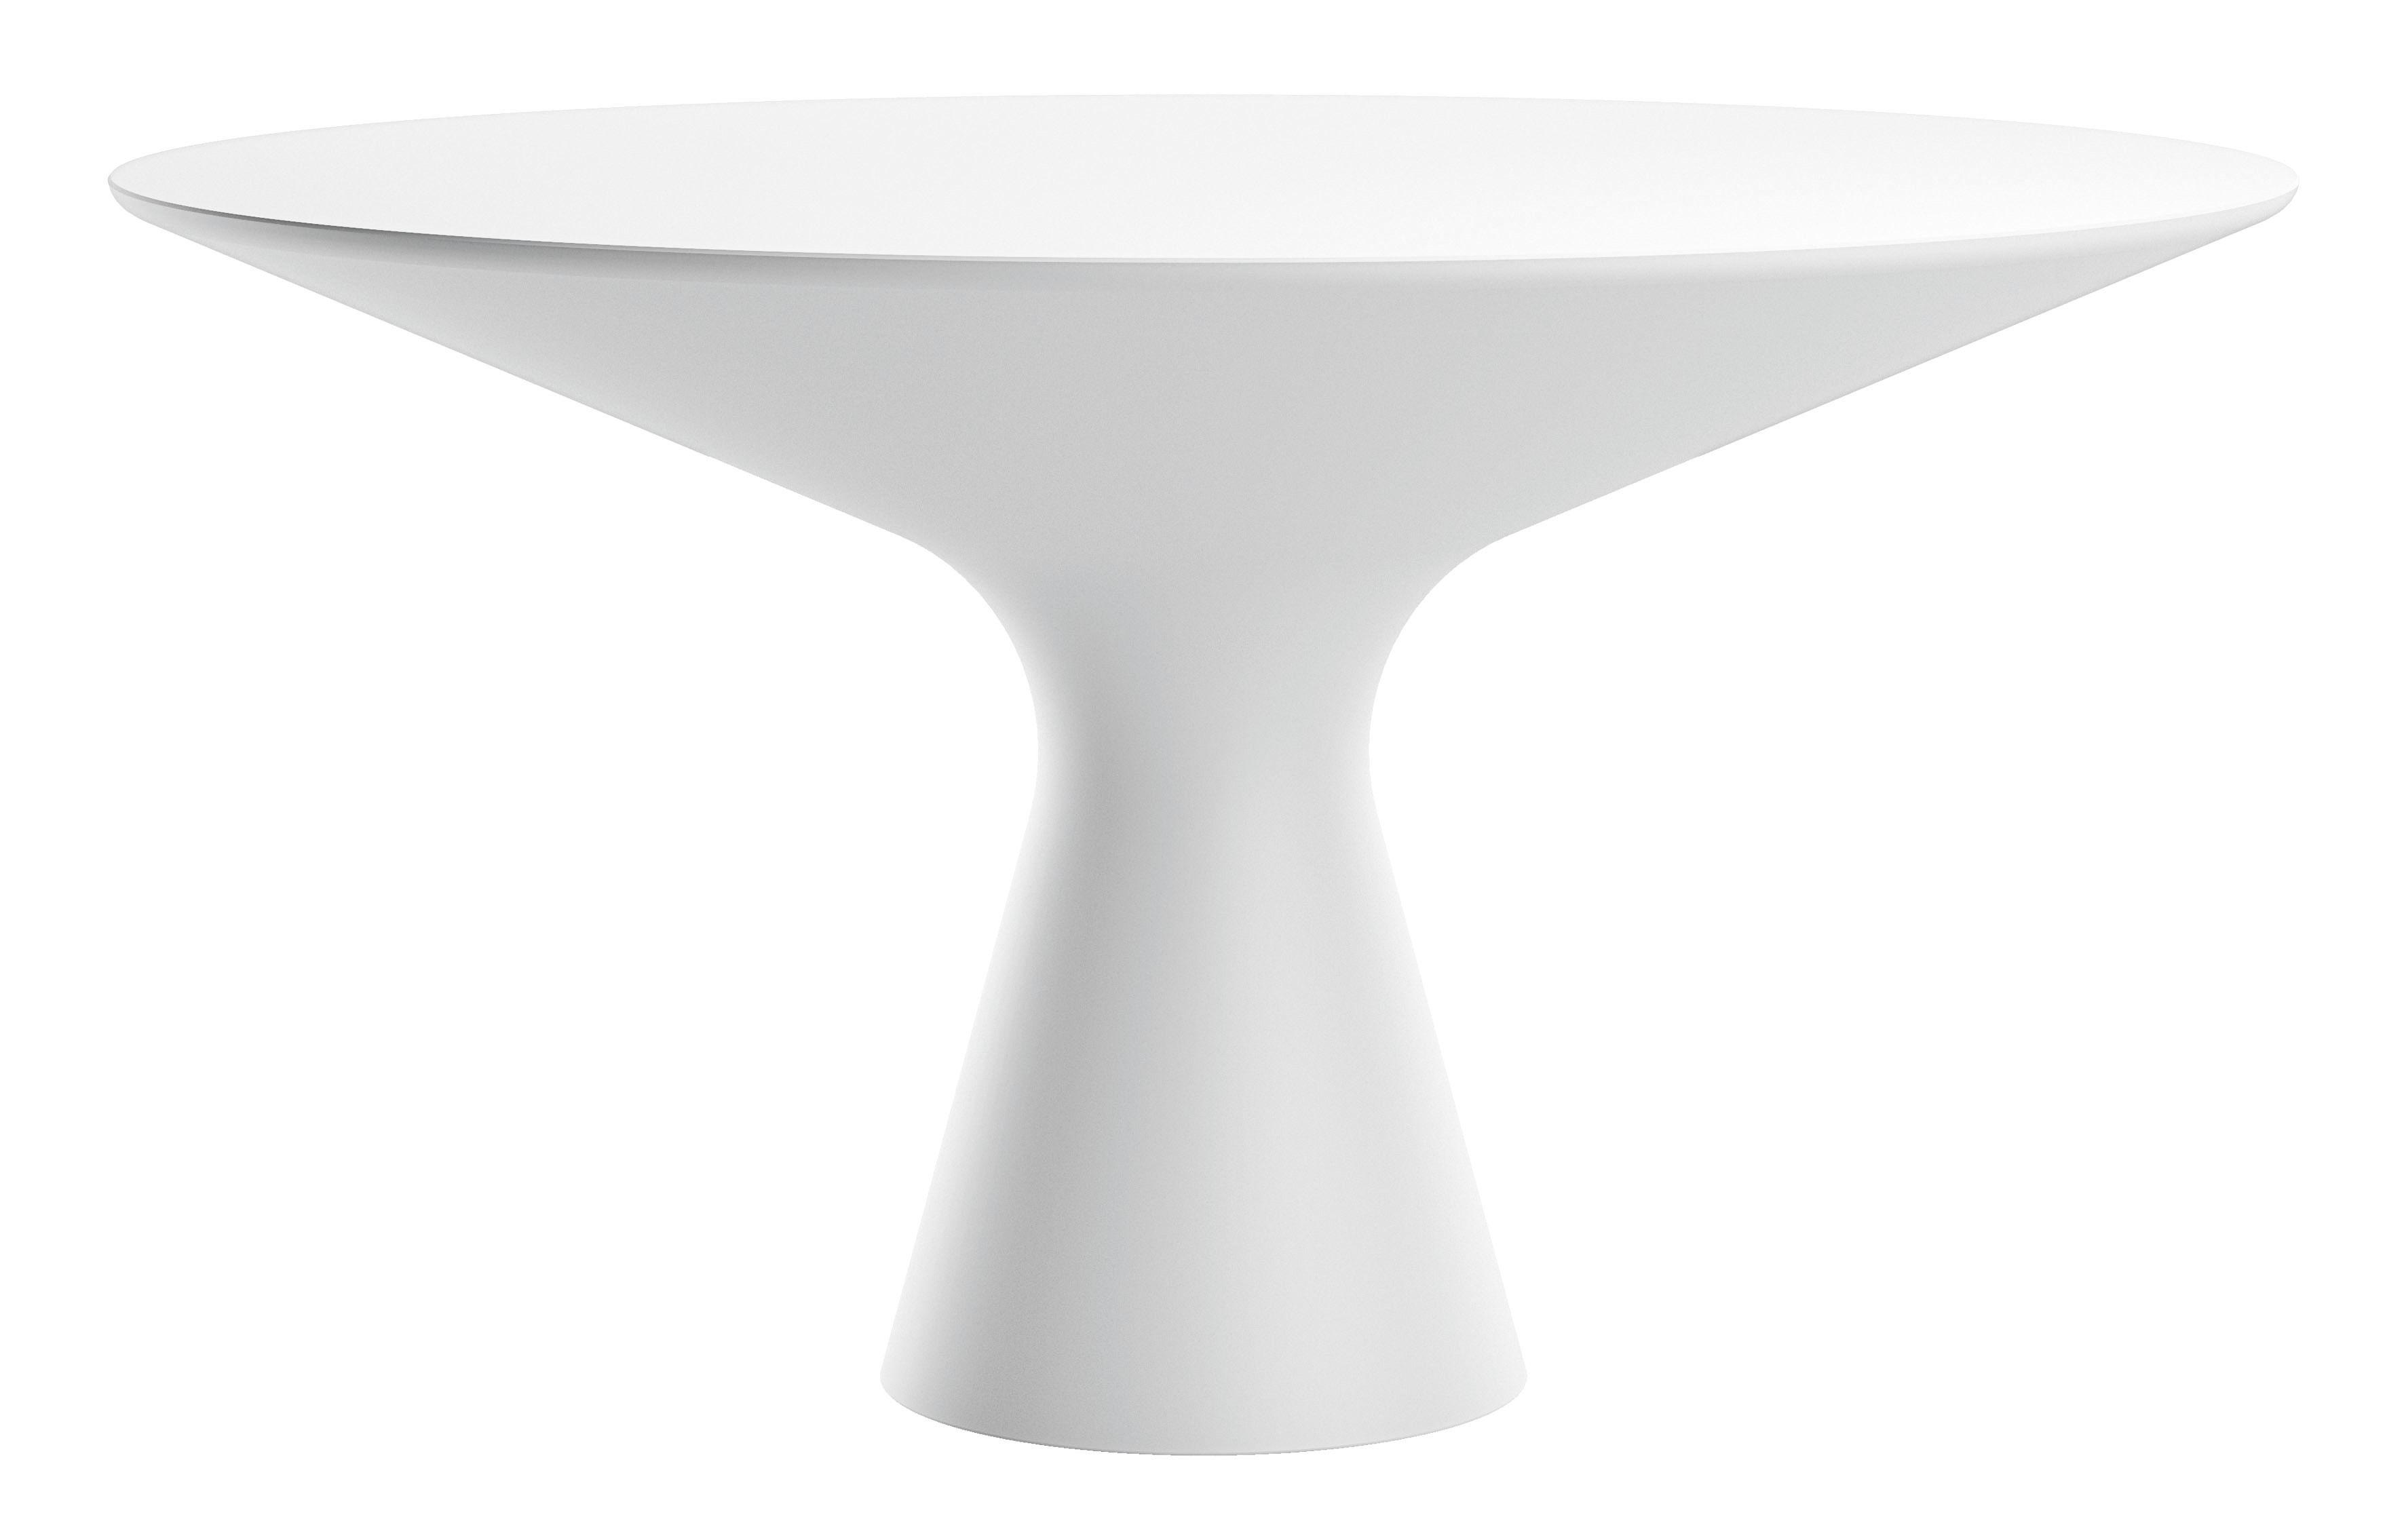 Möbel - Tische - Blanco Runder Tisch / Ø 130 cm - Zanotta - Weiß - Cristalplant